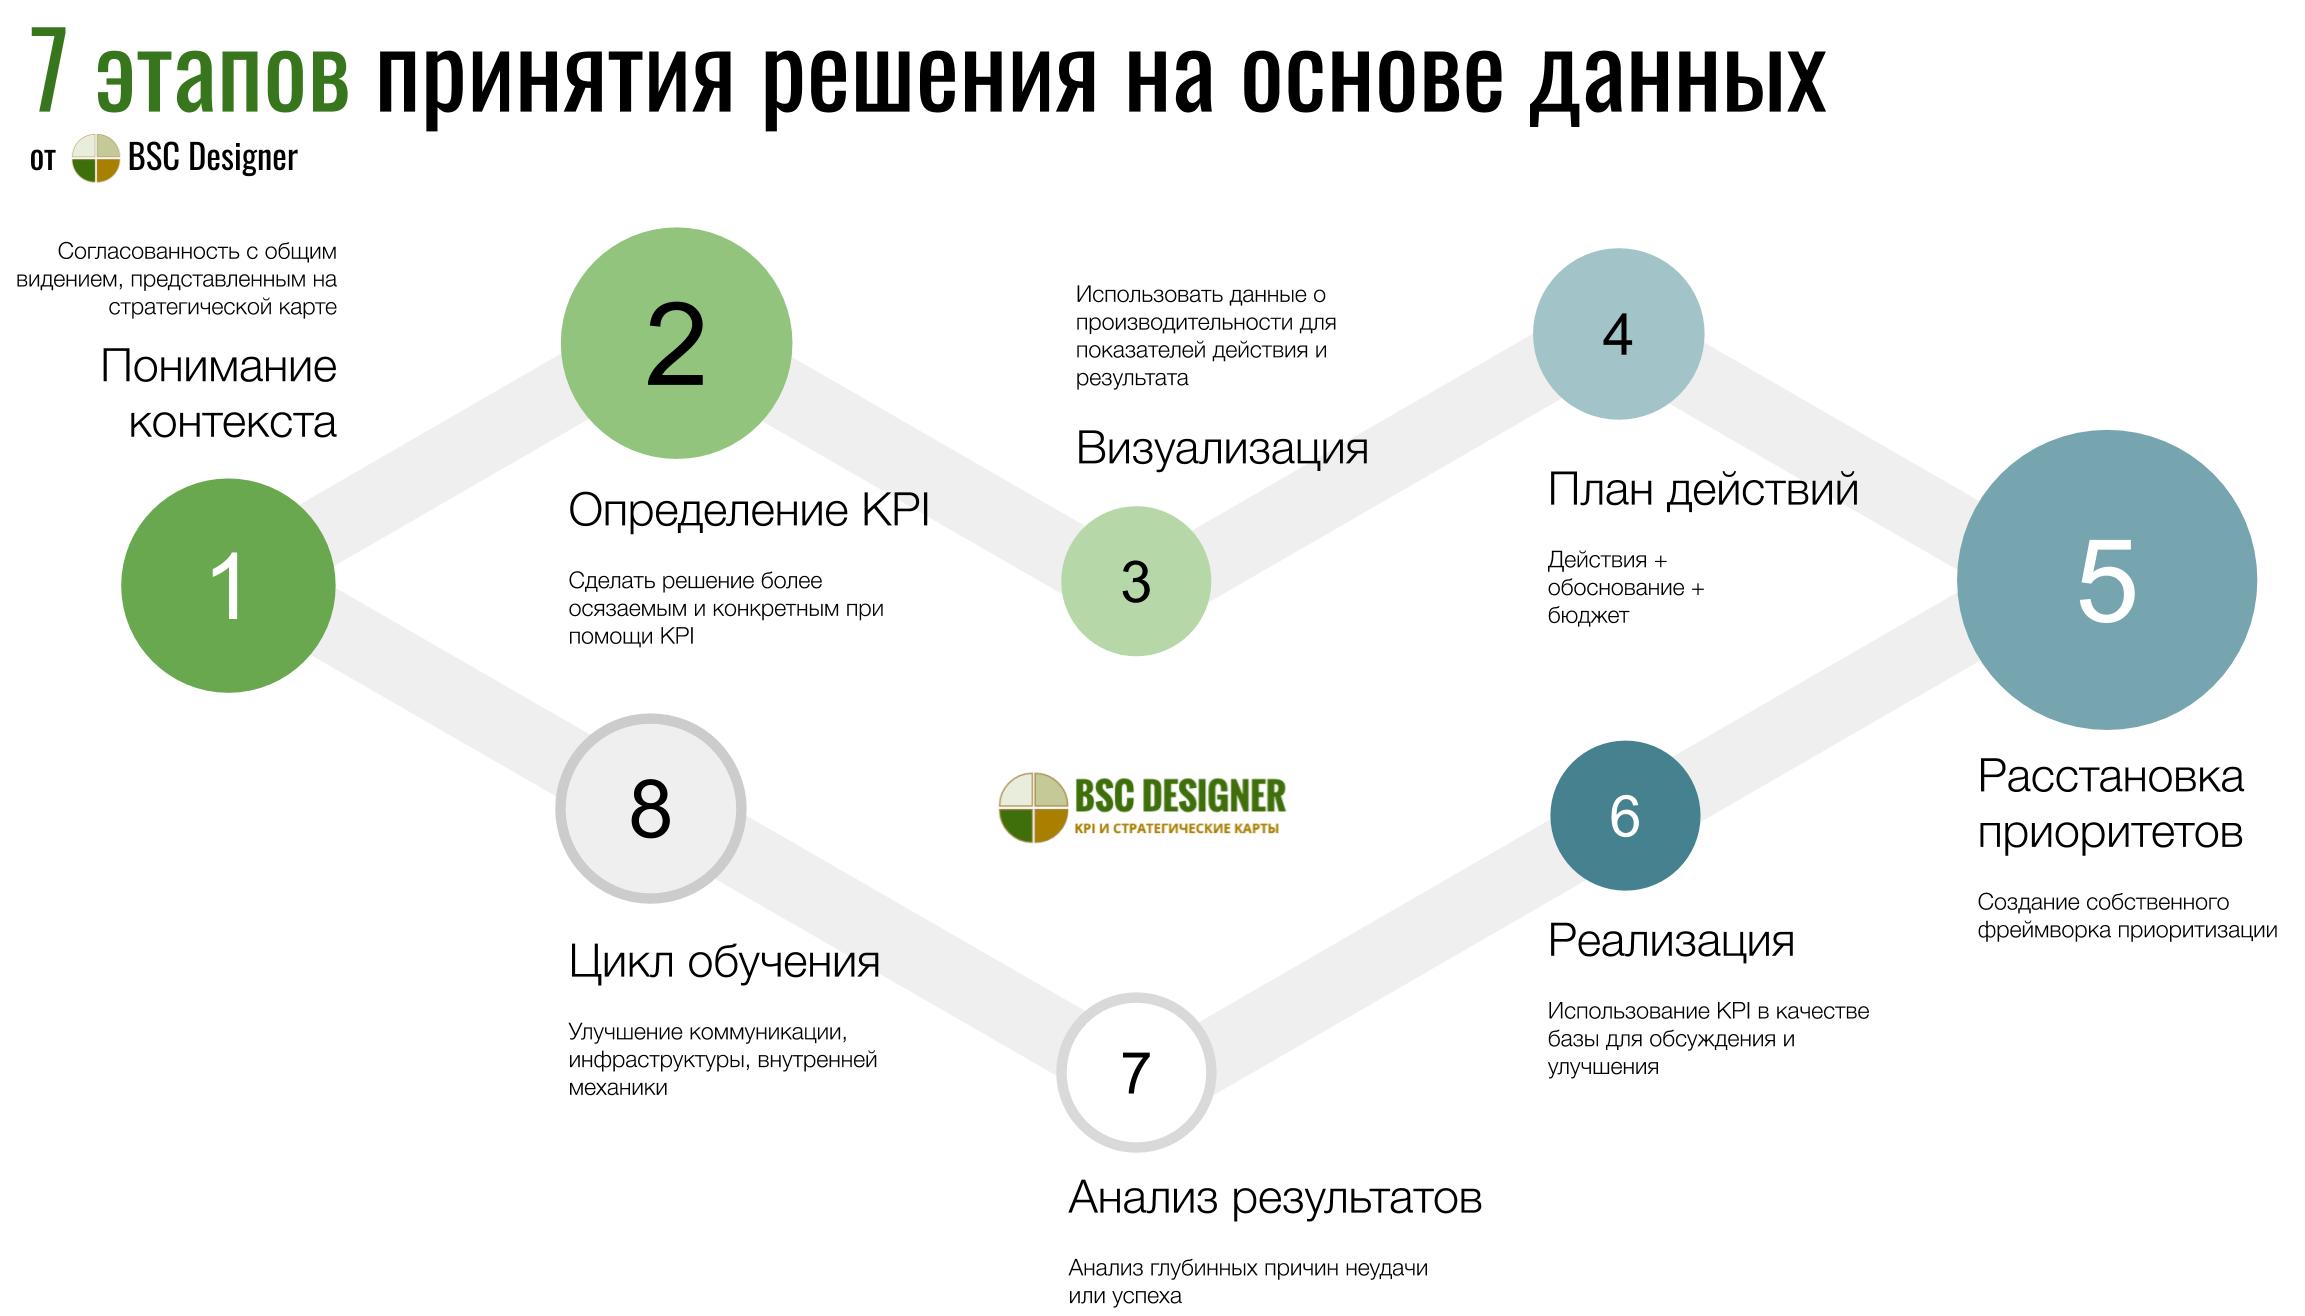 7 этапов принятия решения на основе данных